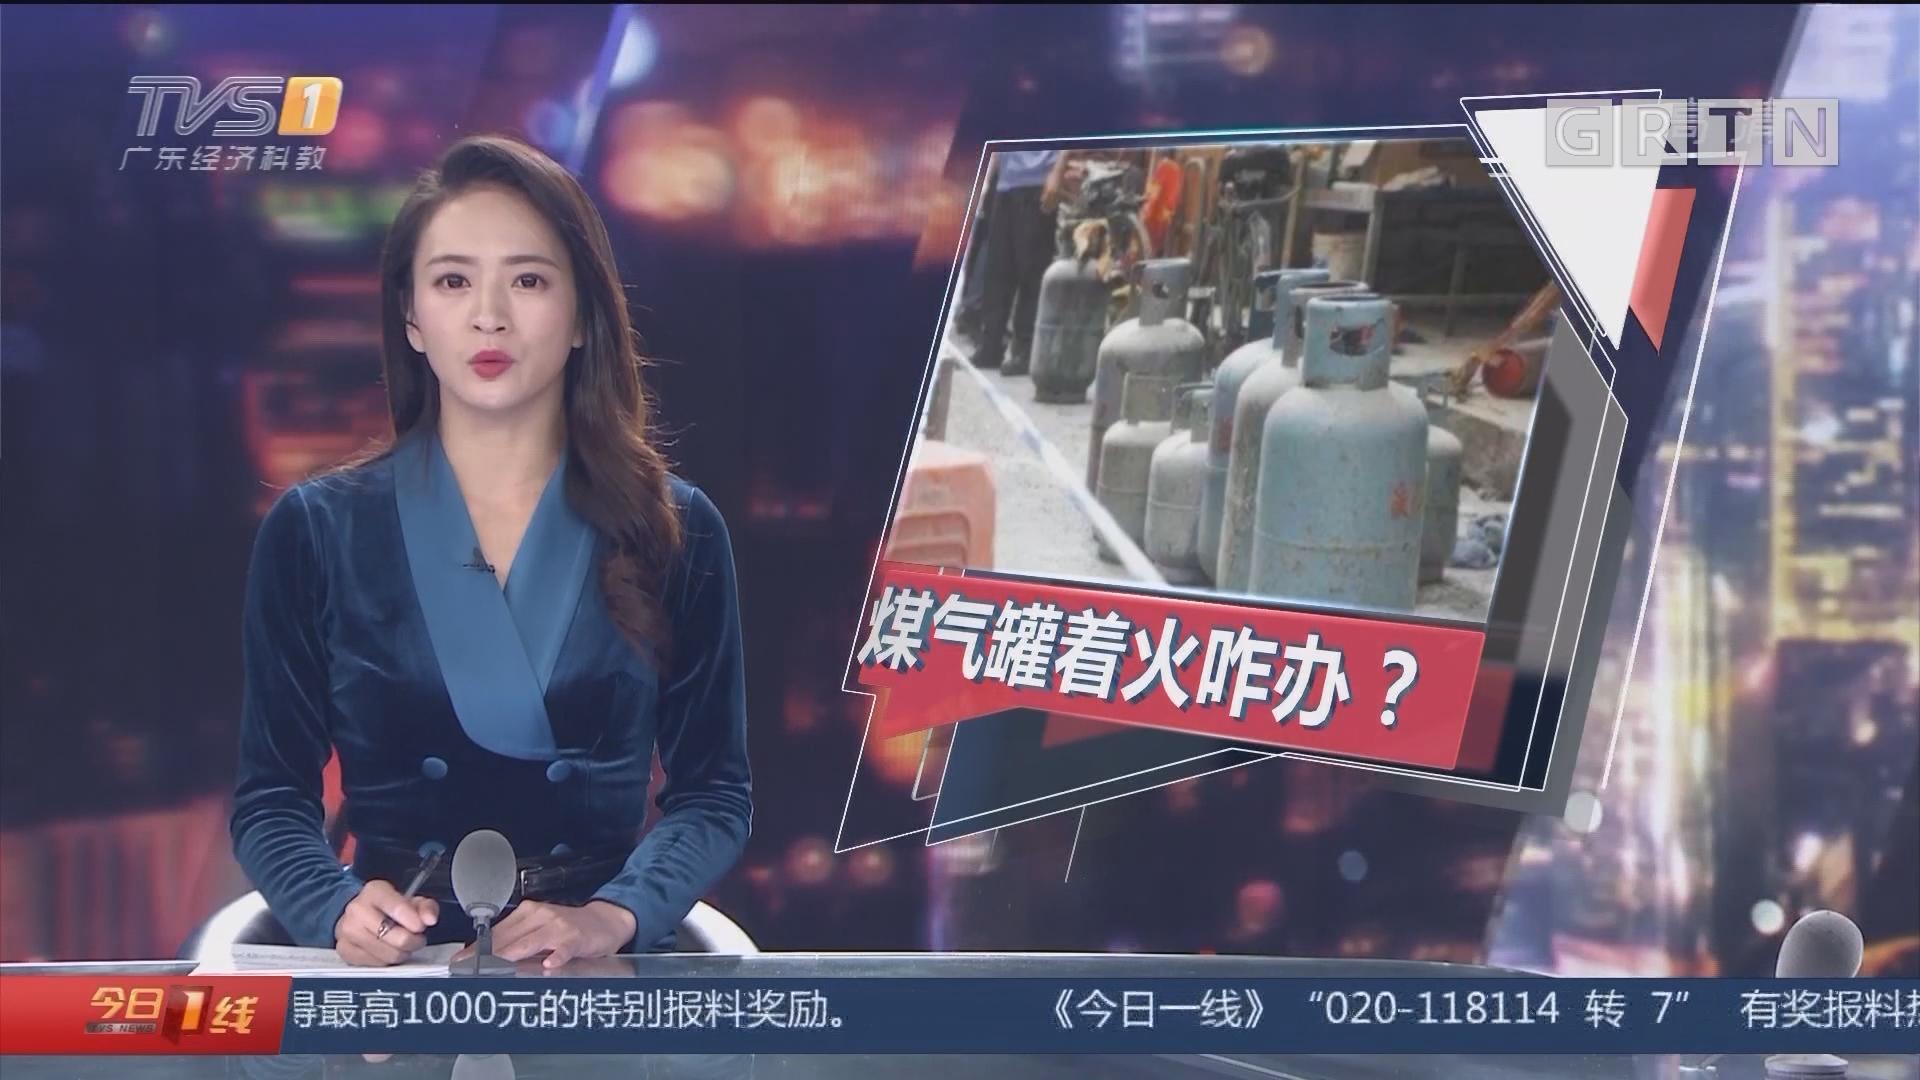 消防安全知识:煤气罐着火 先关阀还是先灭火?